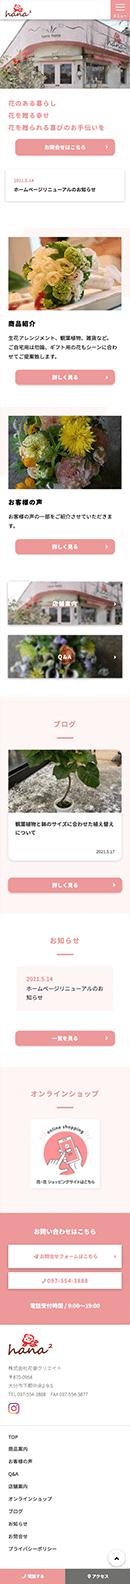 Webマーケティング_制作実績_株式会社 花音クリエイト_3